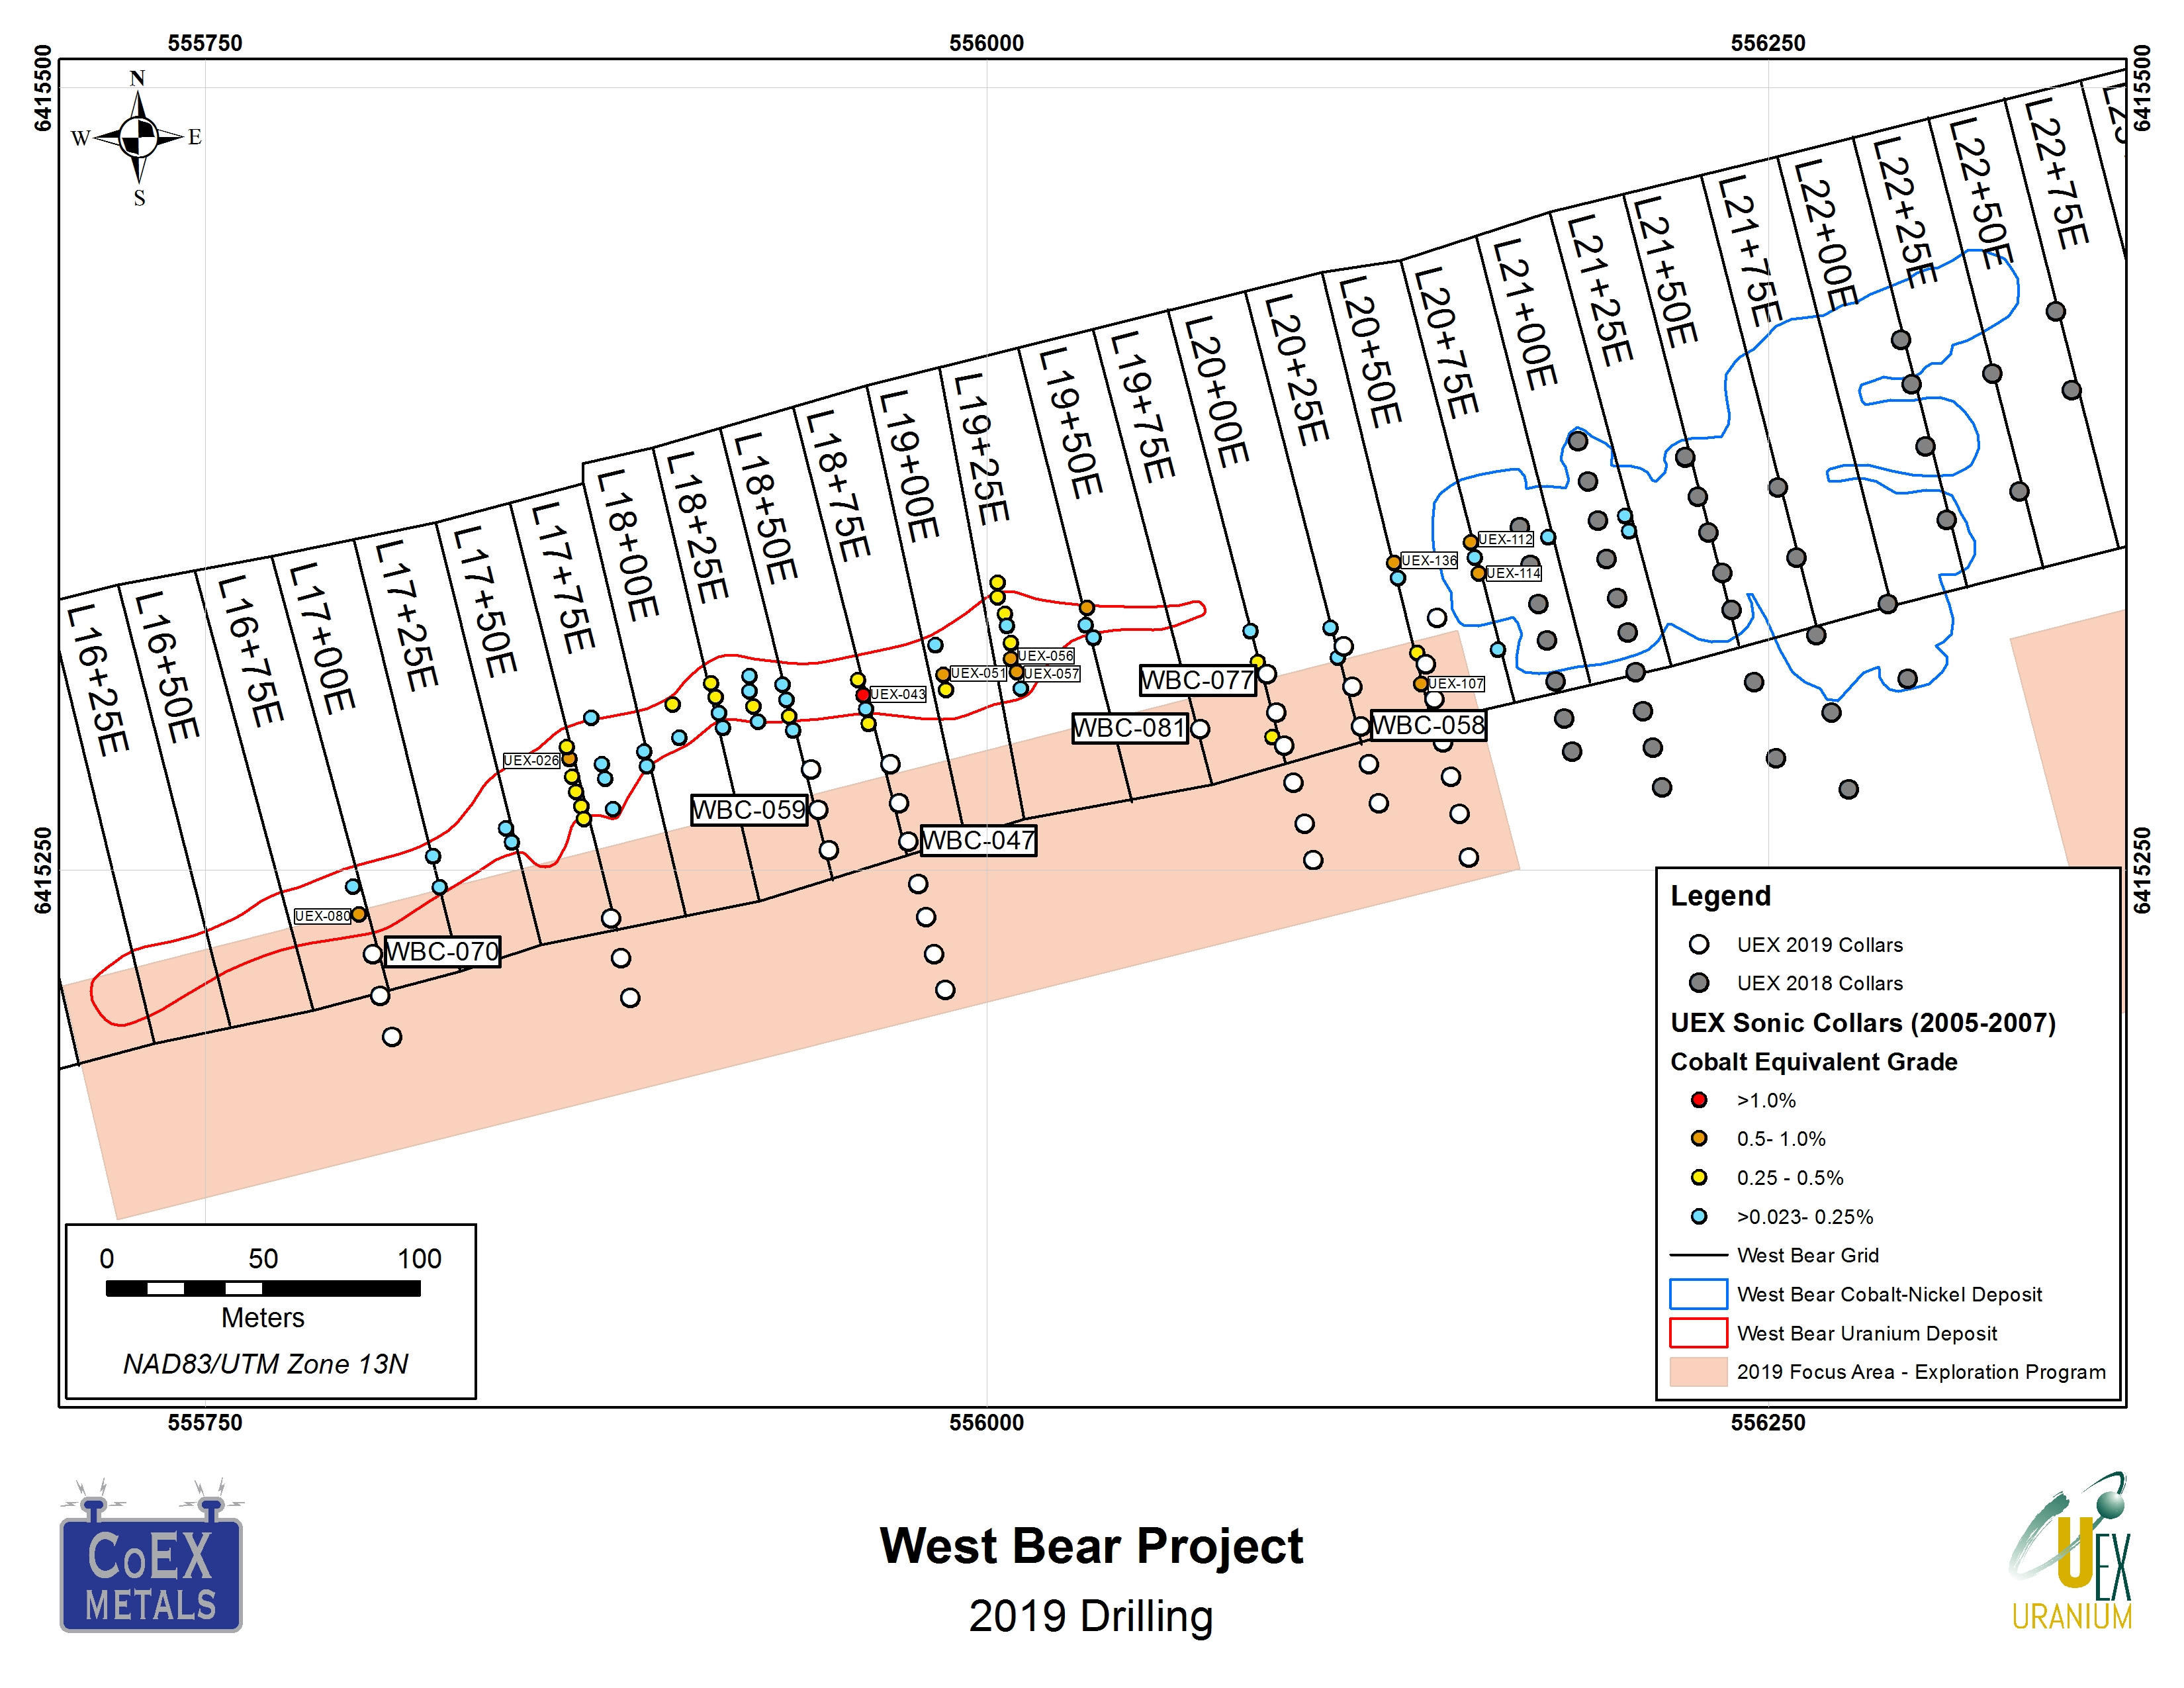 Figure 1 - West Bear Project